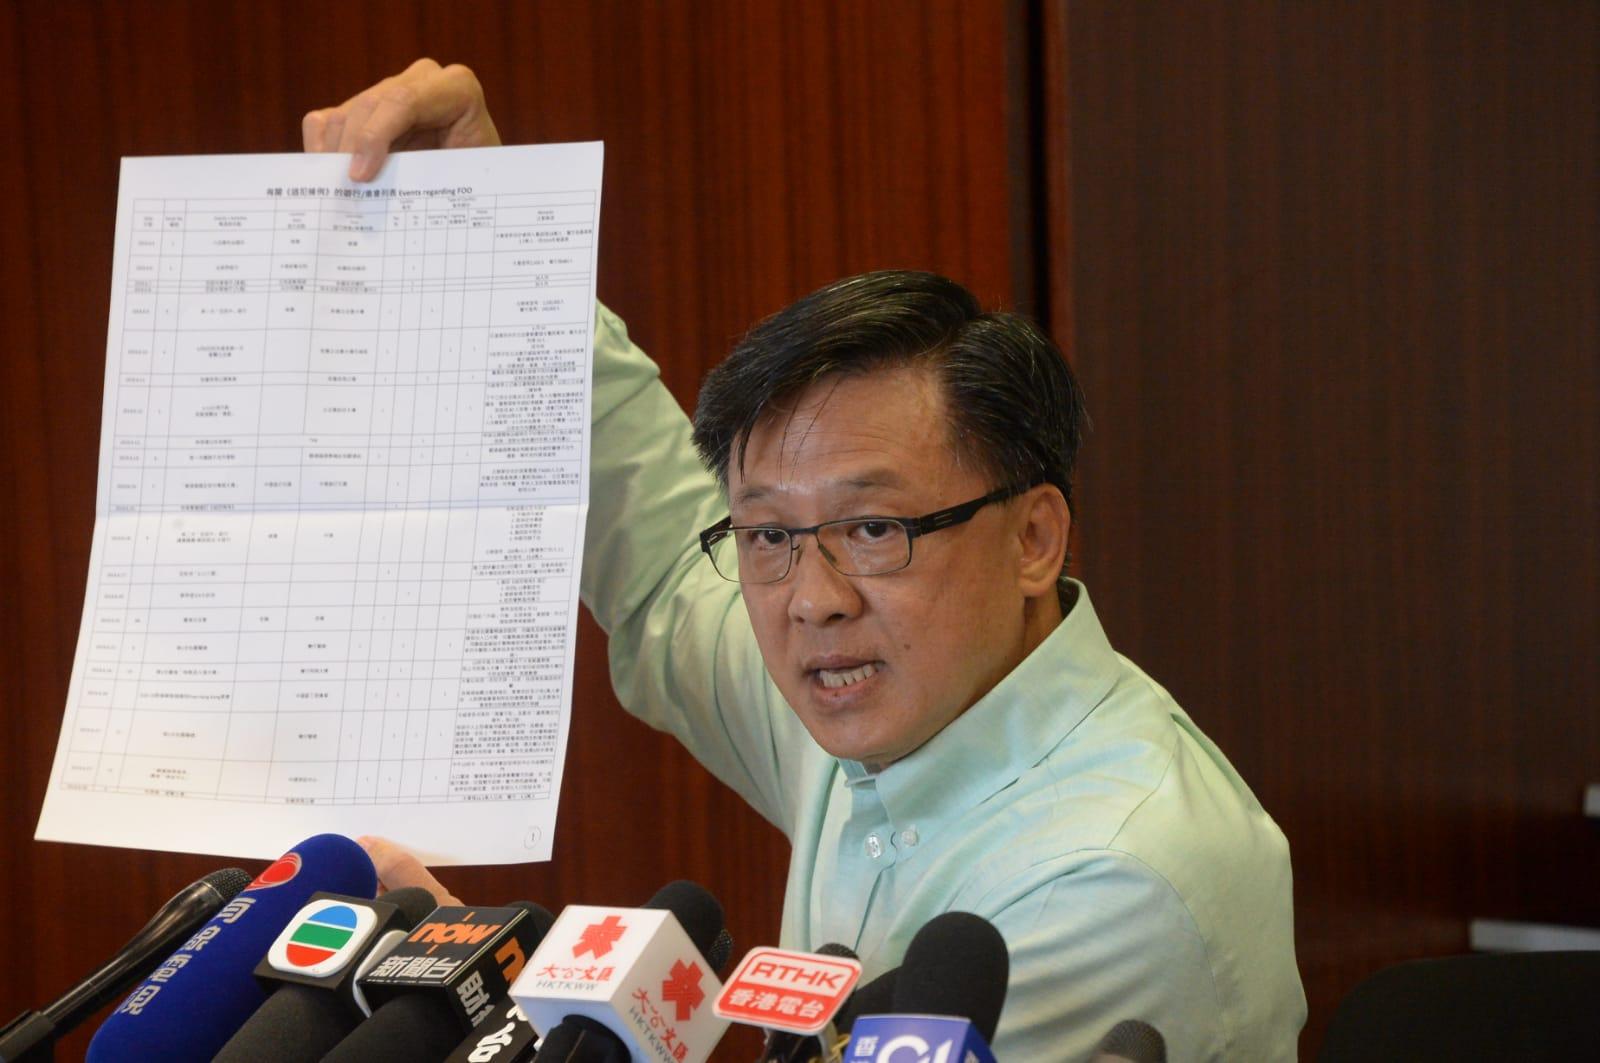 立法會議員何君堯今開記者會,指無對朱凱廸作出任何恐嚇的意念,又促警方拘捕多名民主派議員。